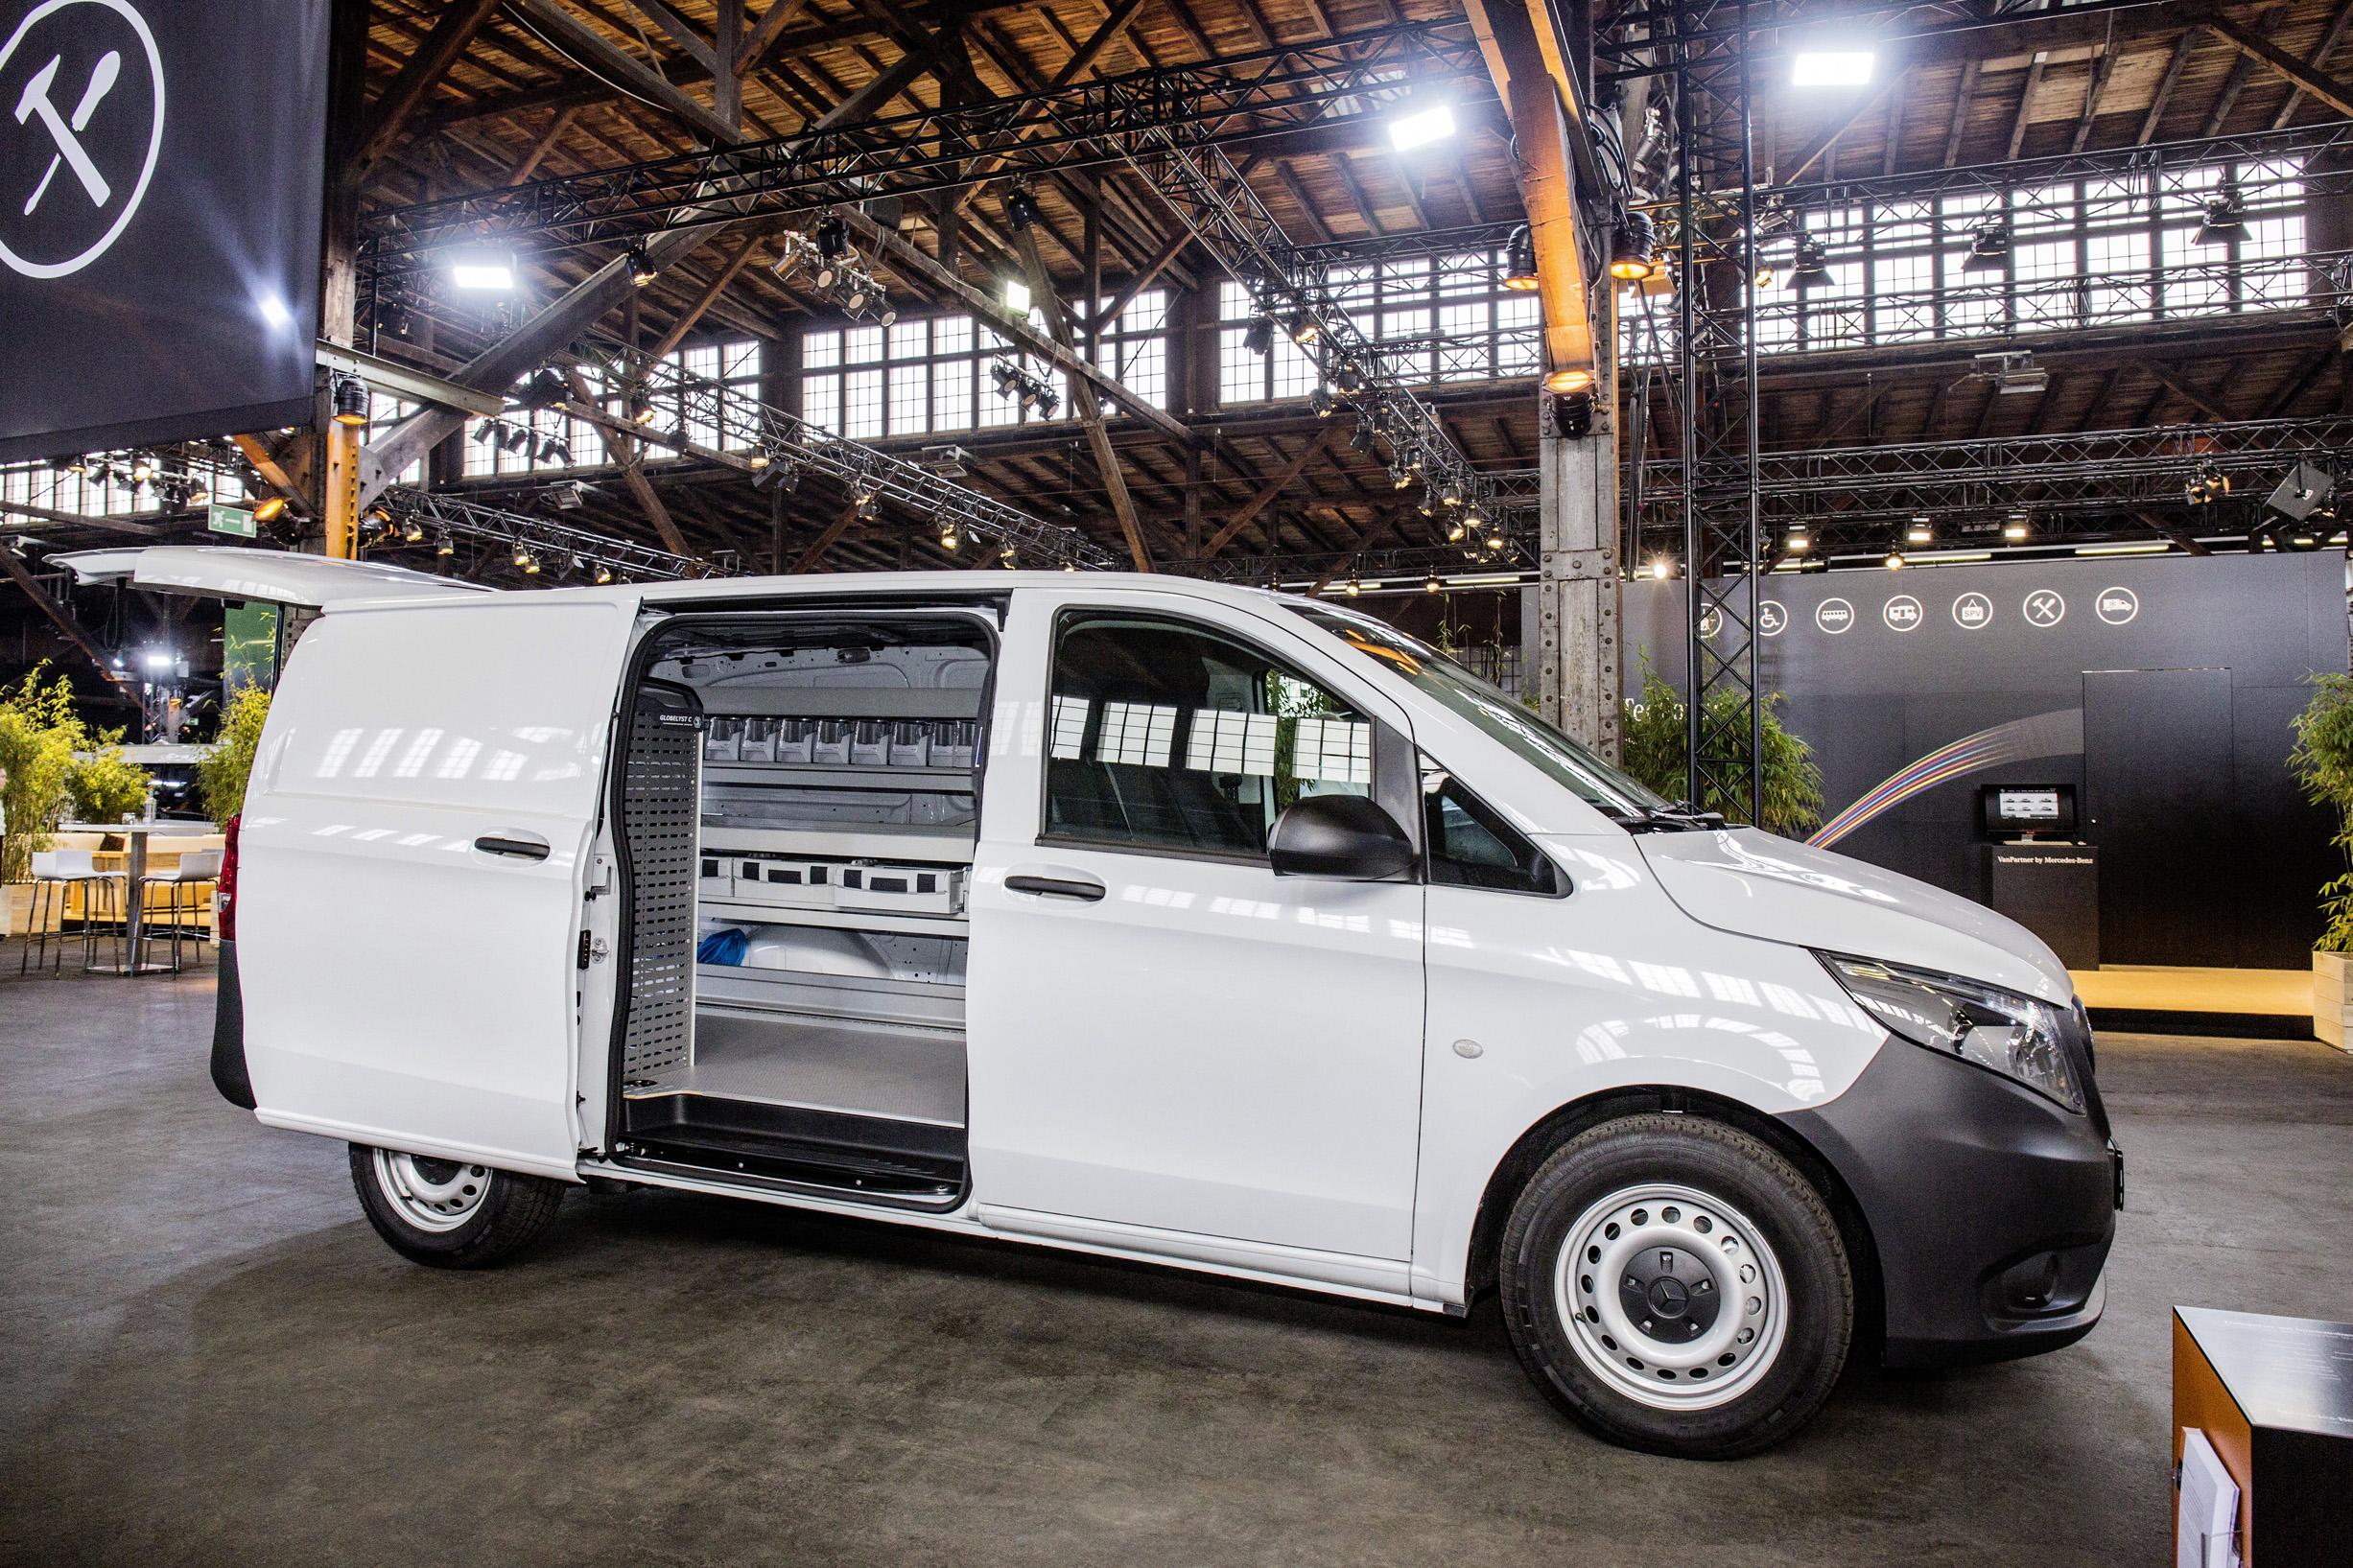 Mercedes Benz Vans Solutions Furgonetas Carrozadas Pr T